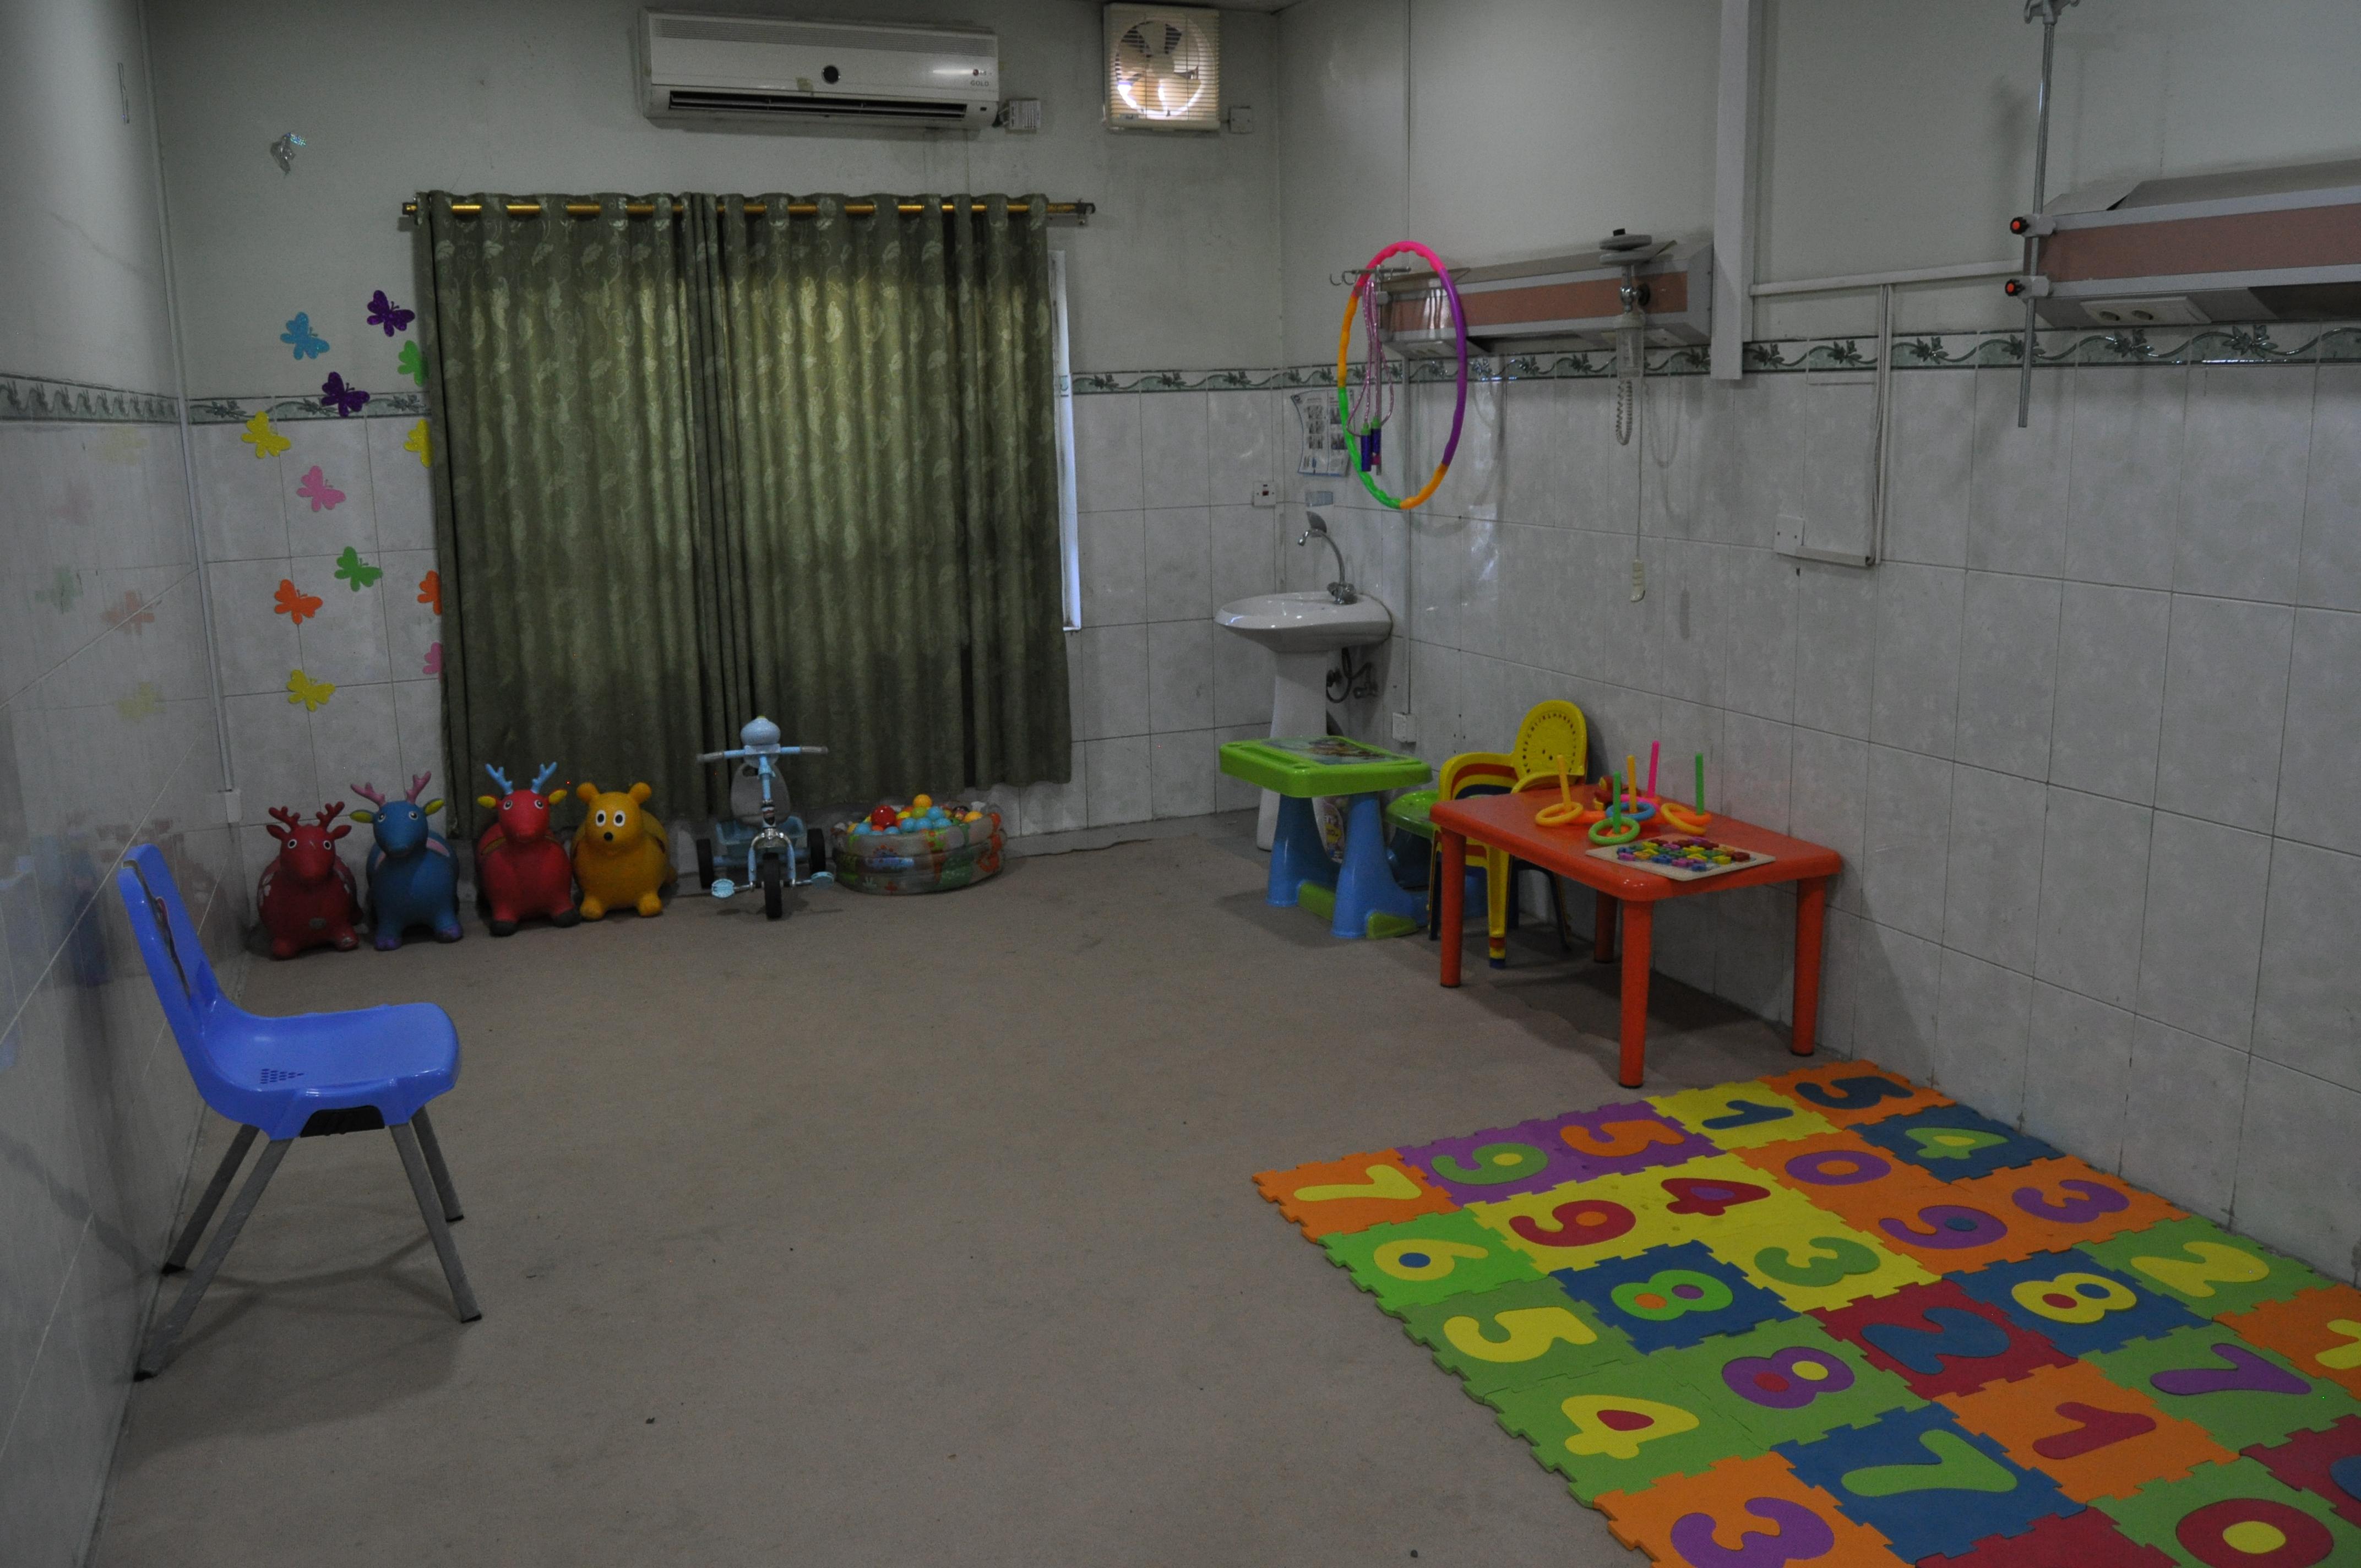 Kirkouk_Centre_autisme_salle1_thérapie